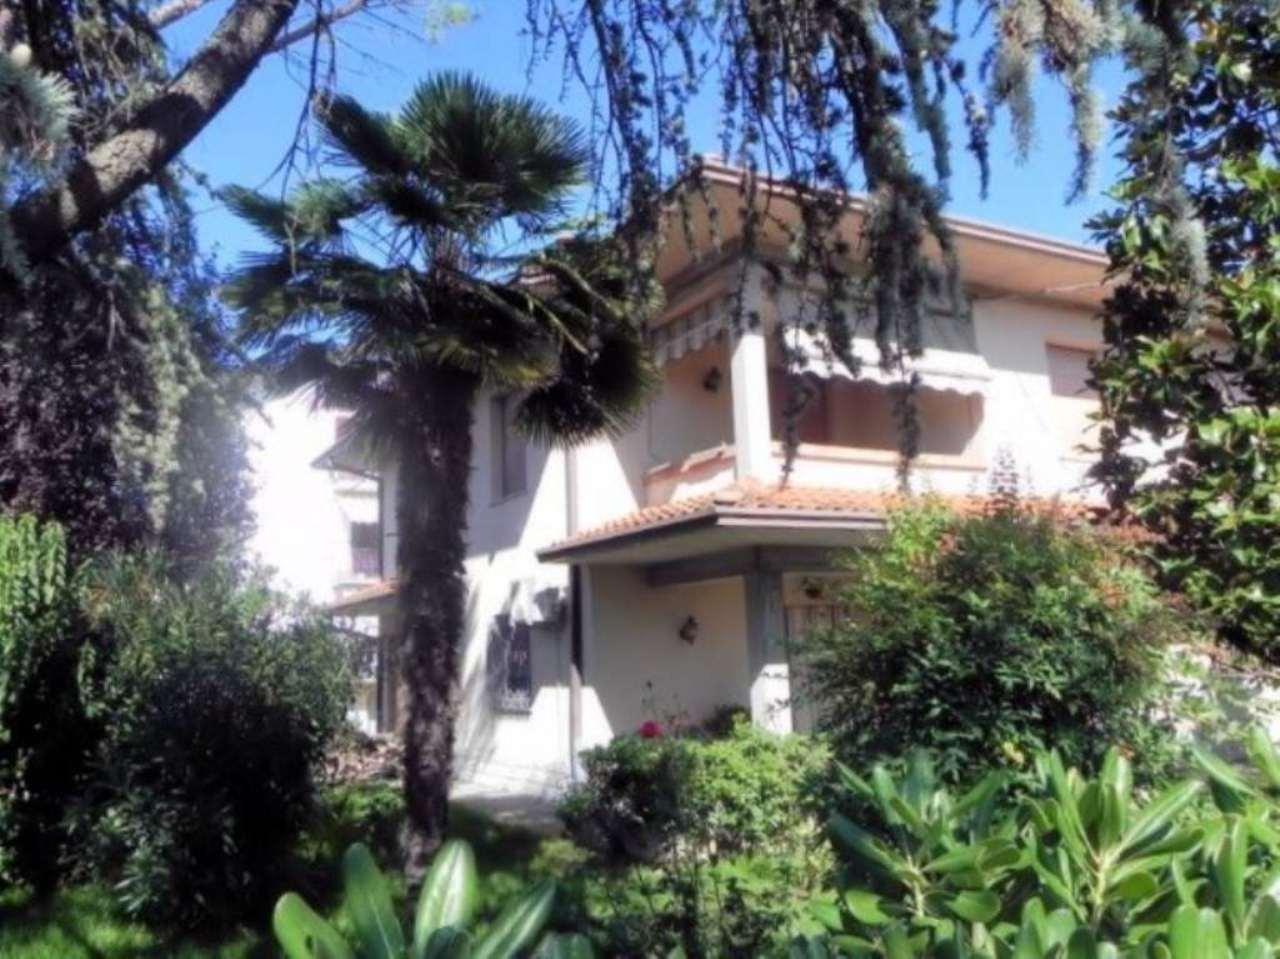 Villa in vendita a Bertinoro, 6 locali, prezzo € 430.000 | CambioCasa.it